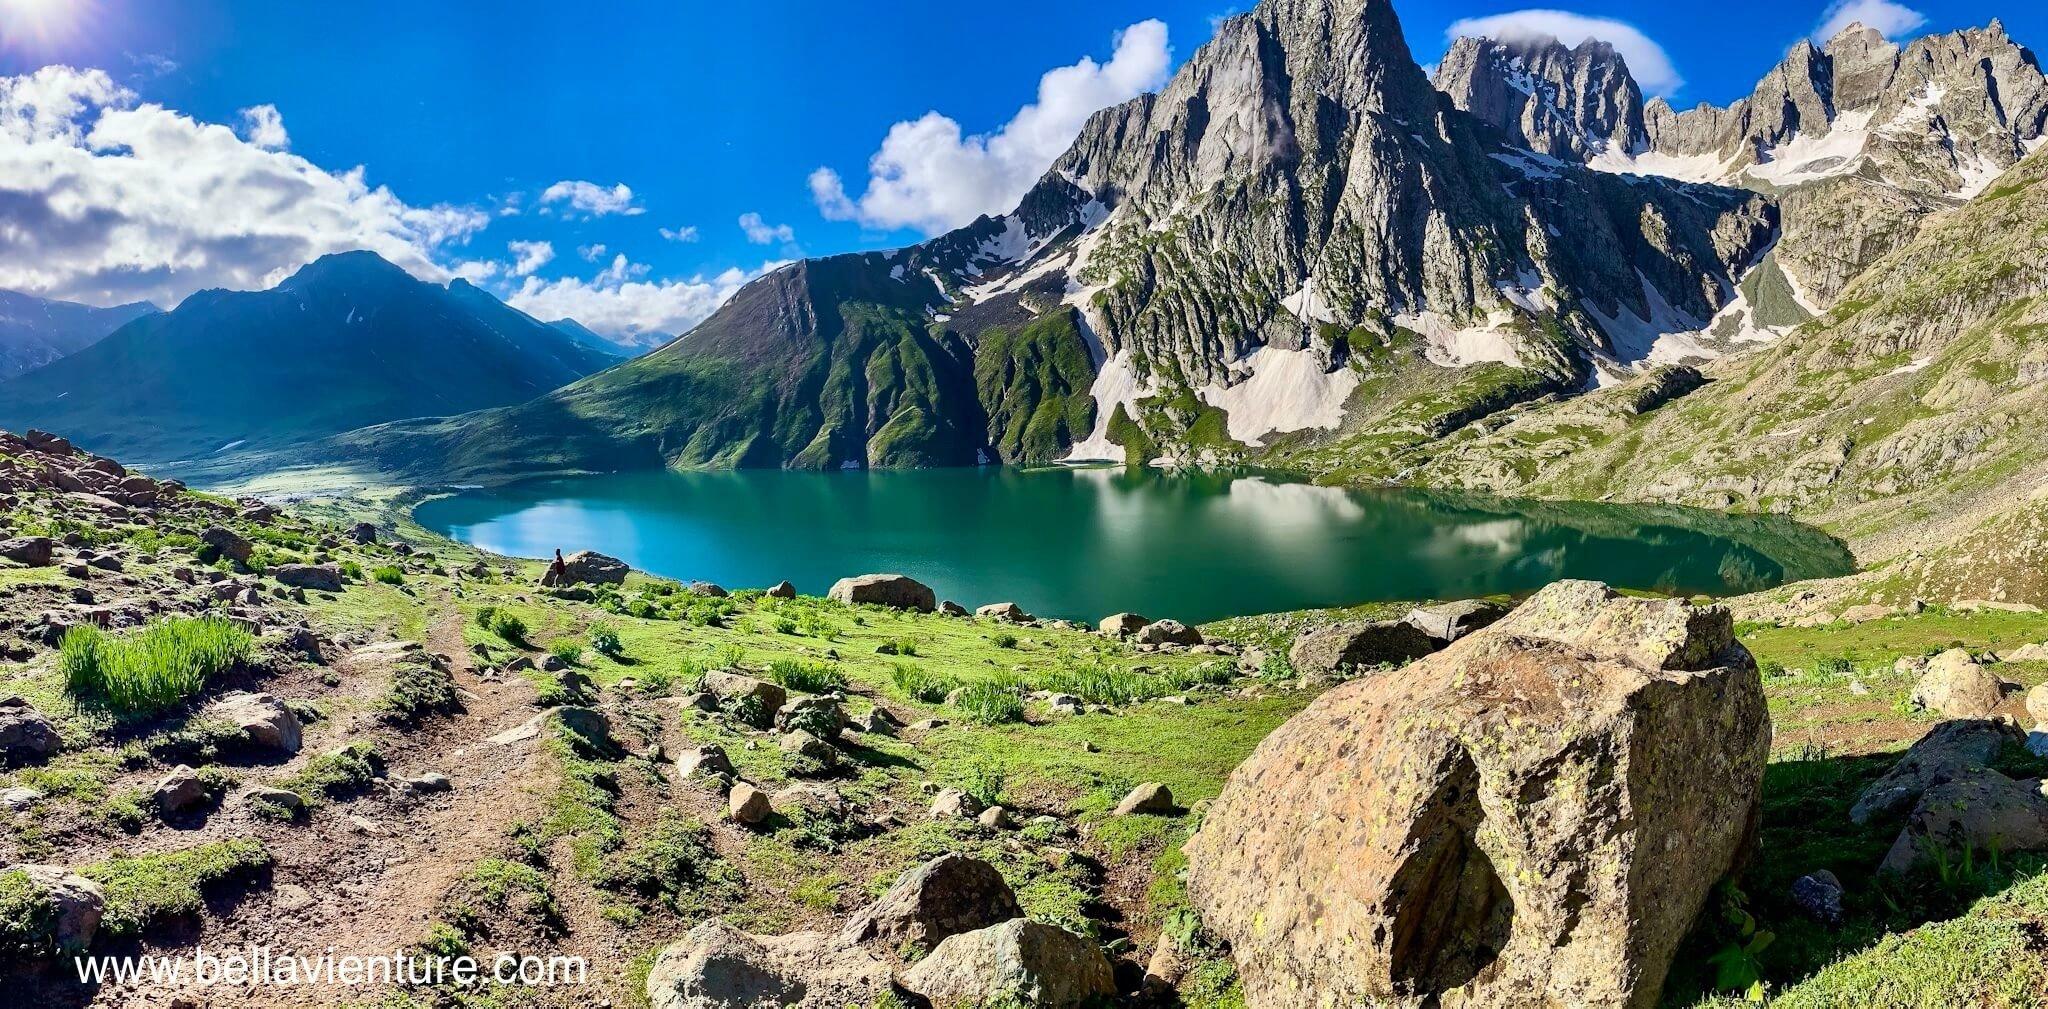 印度India 北北印 North India 喀什米爾 Kashmir 大湖健行 trekking 聖湖 美景